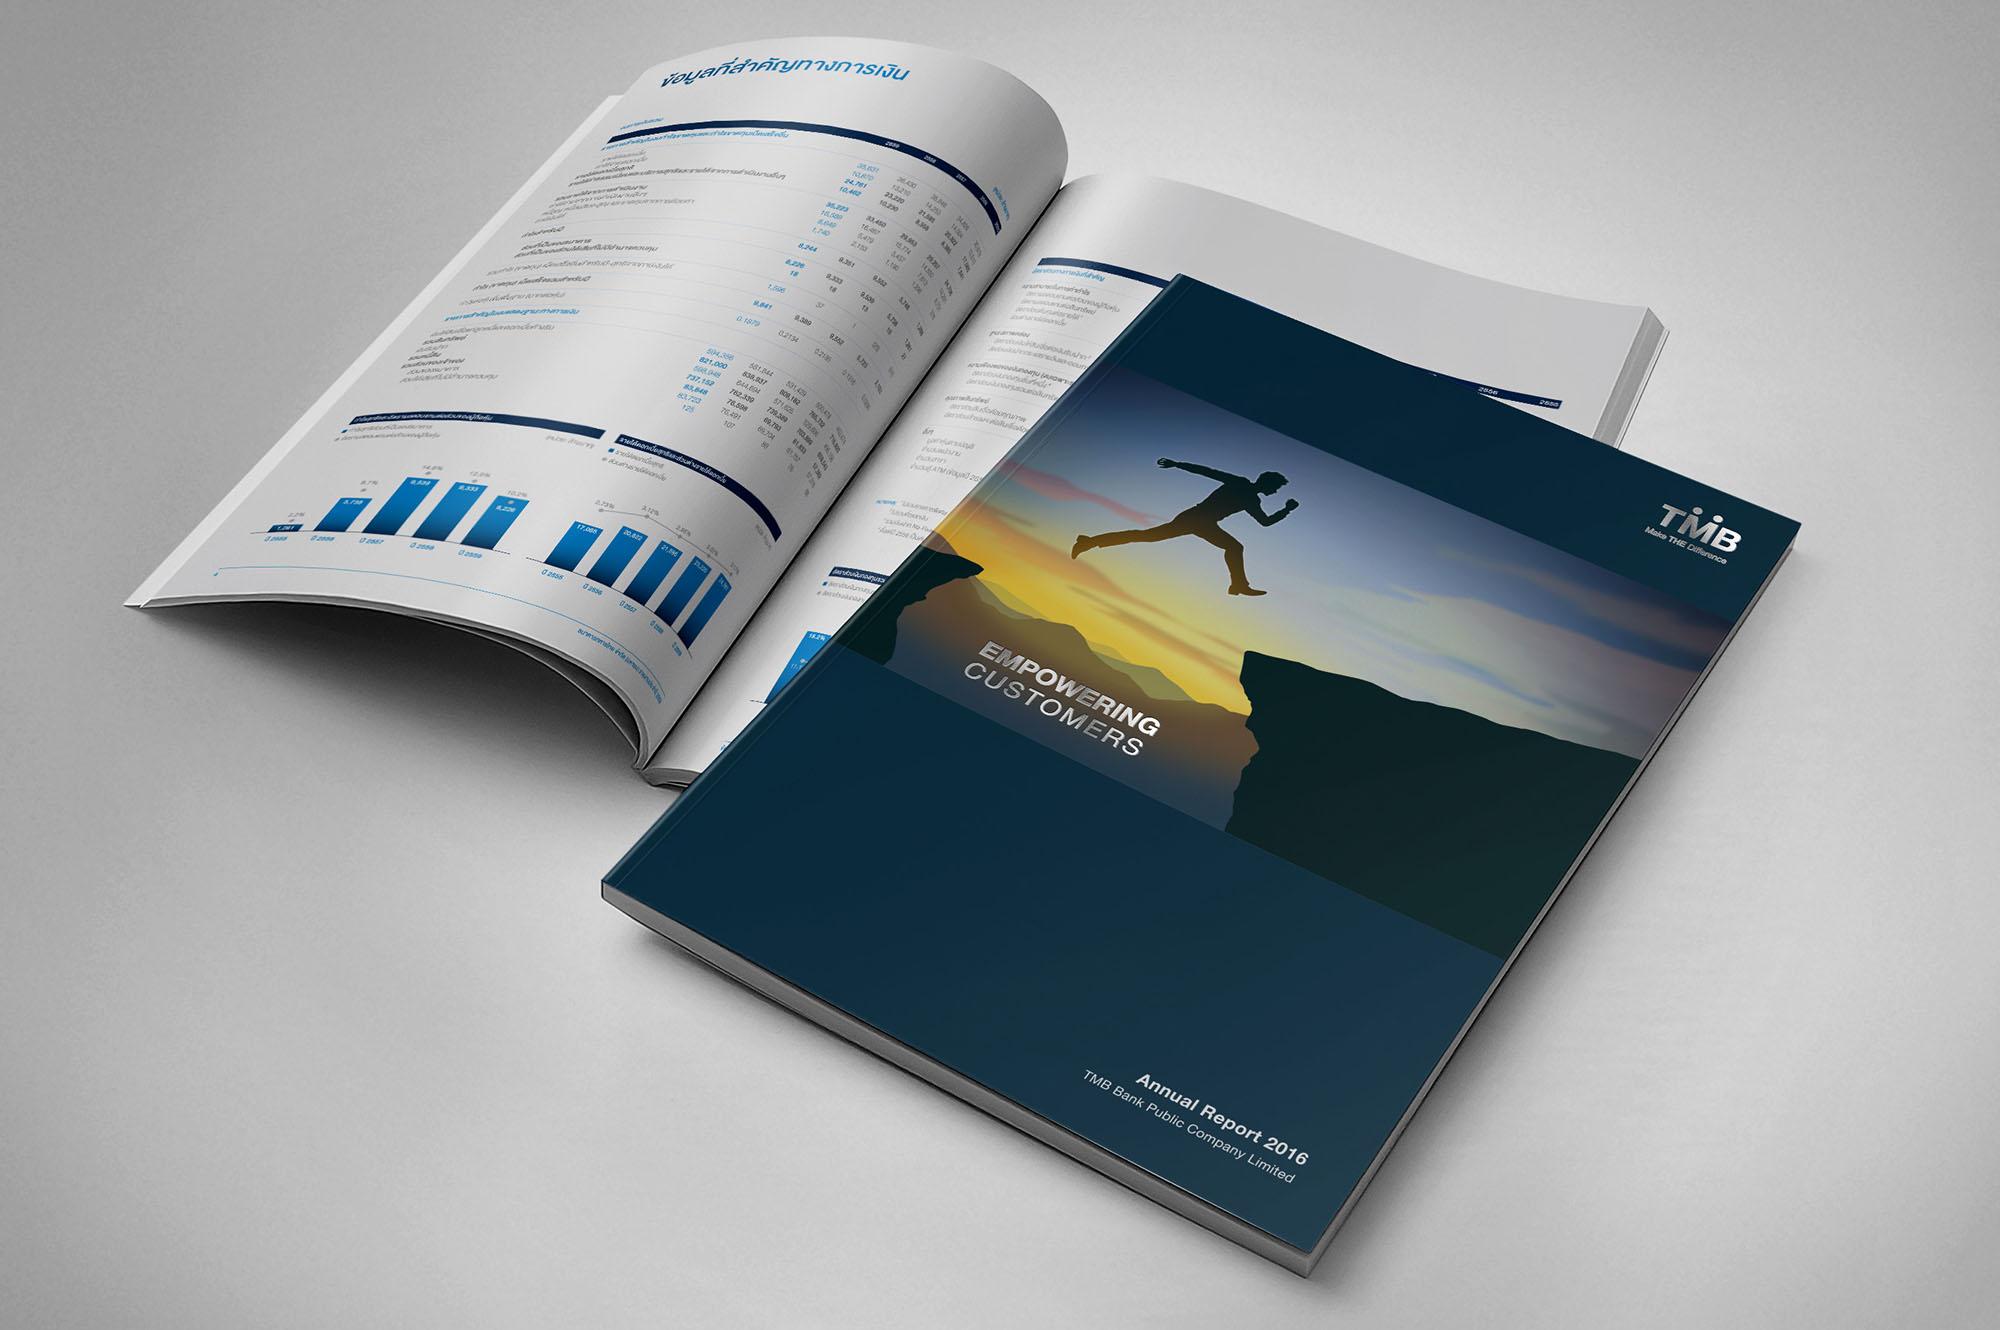 TMB Annual Report Design